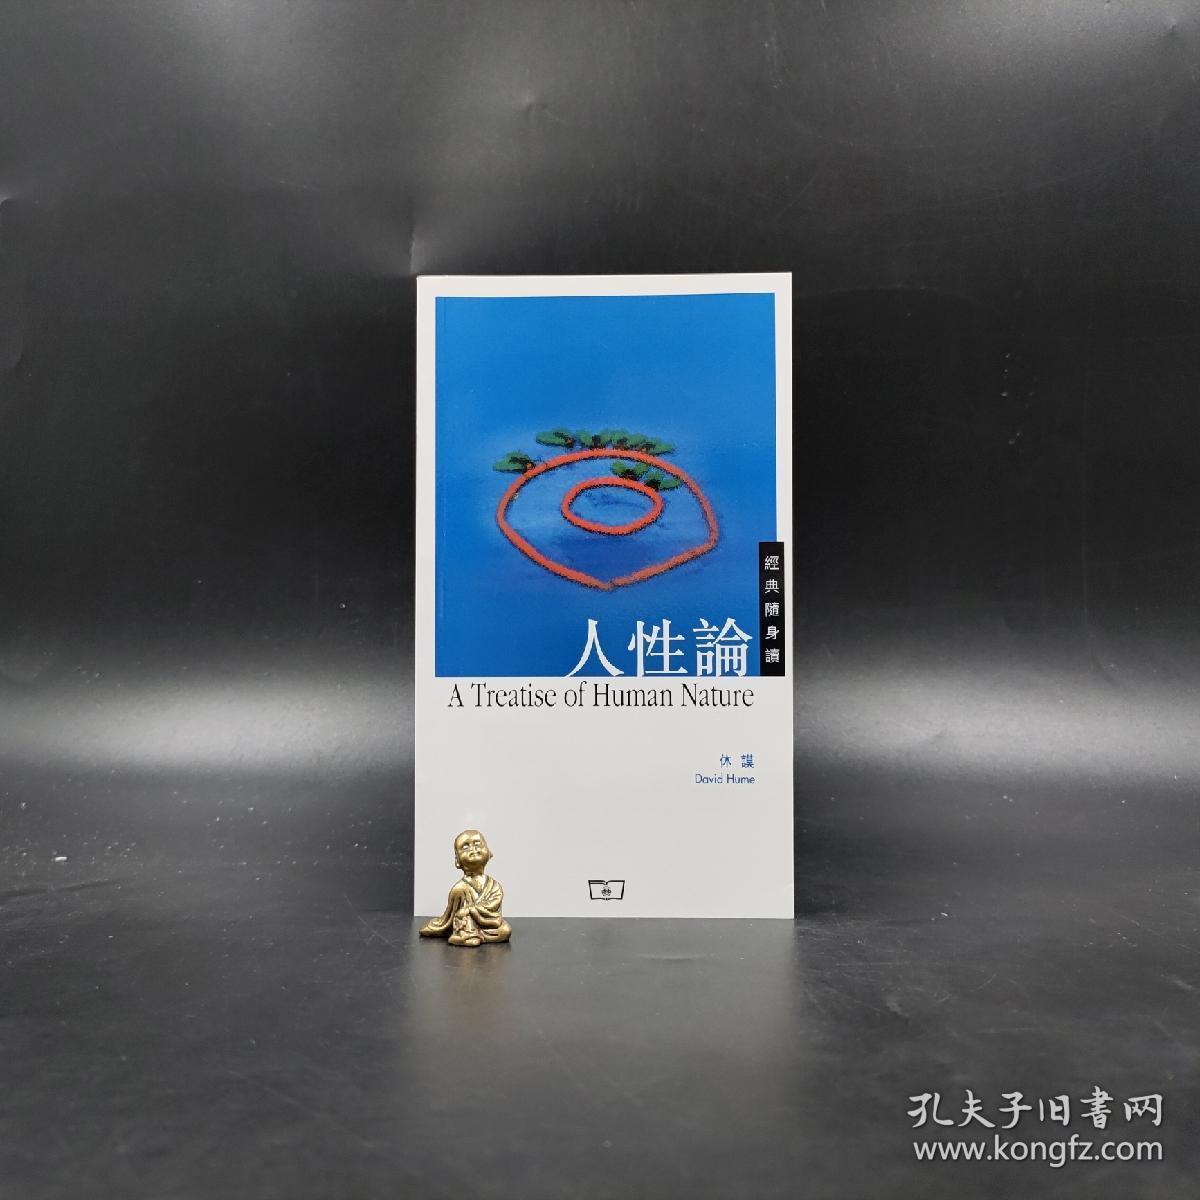 香港商务版  休谟《人性論:精選本》(锁线胶订)